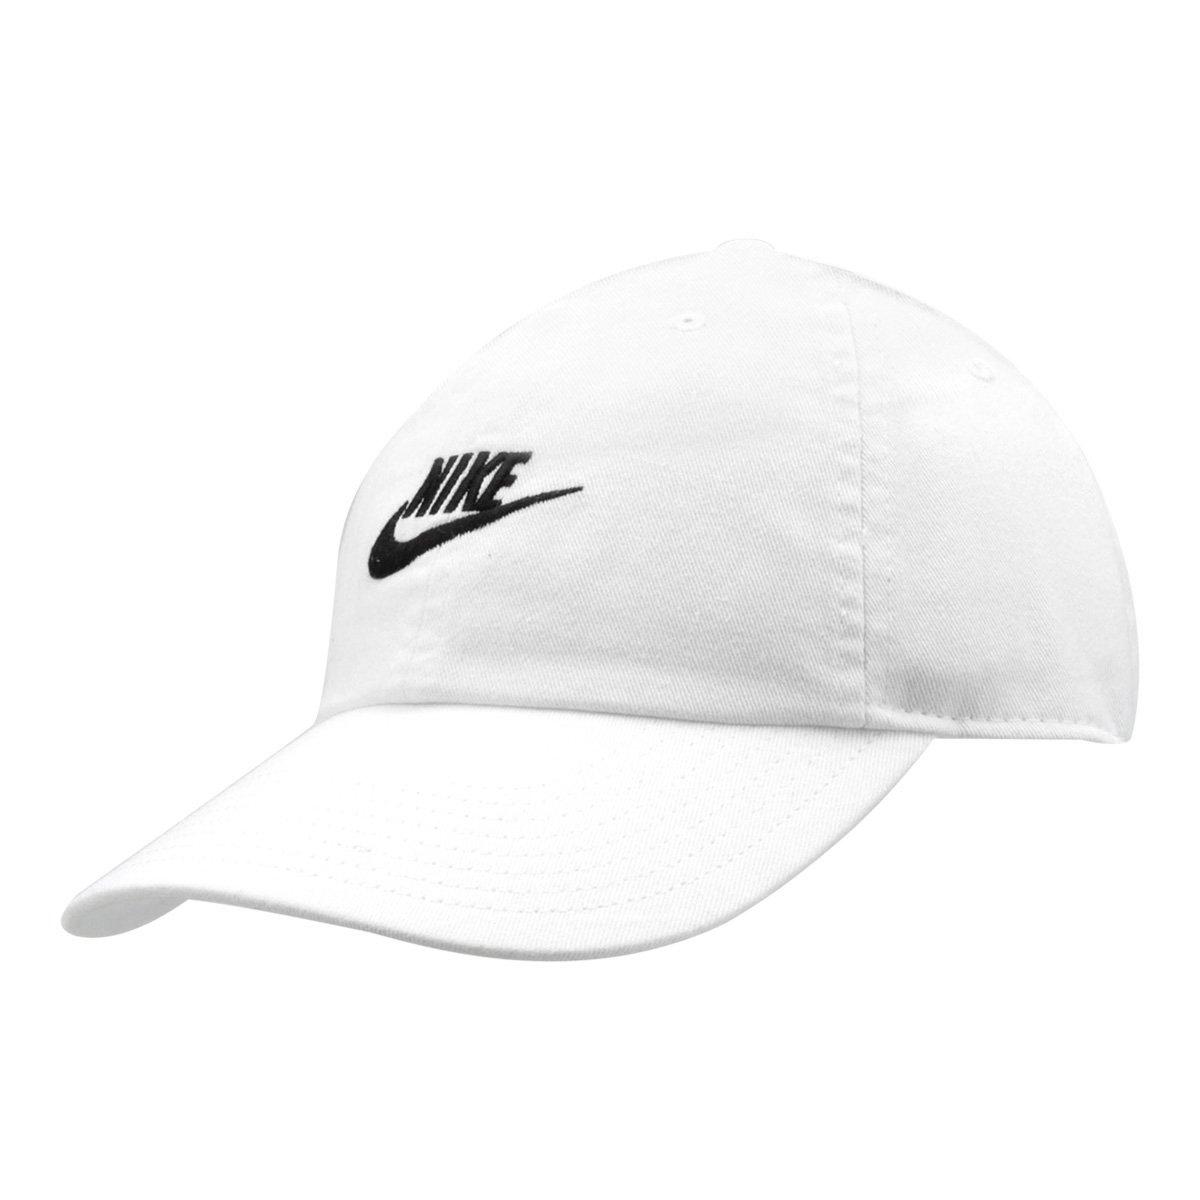 Boné Nike Aba Curva U Nsw H86 Futura Washed - Branco e Preto - Compre Agora   c00736b3c5a